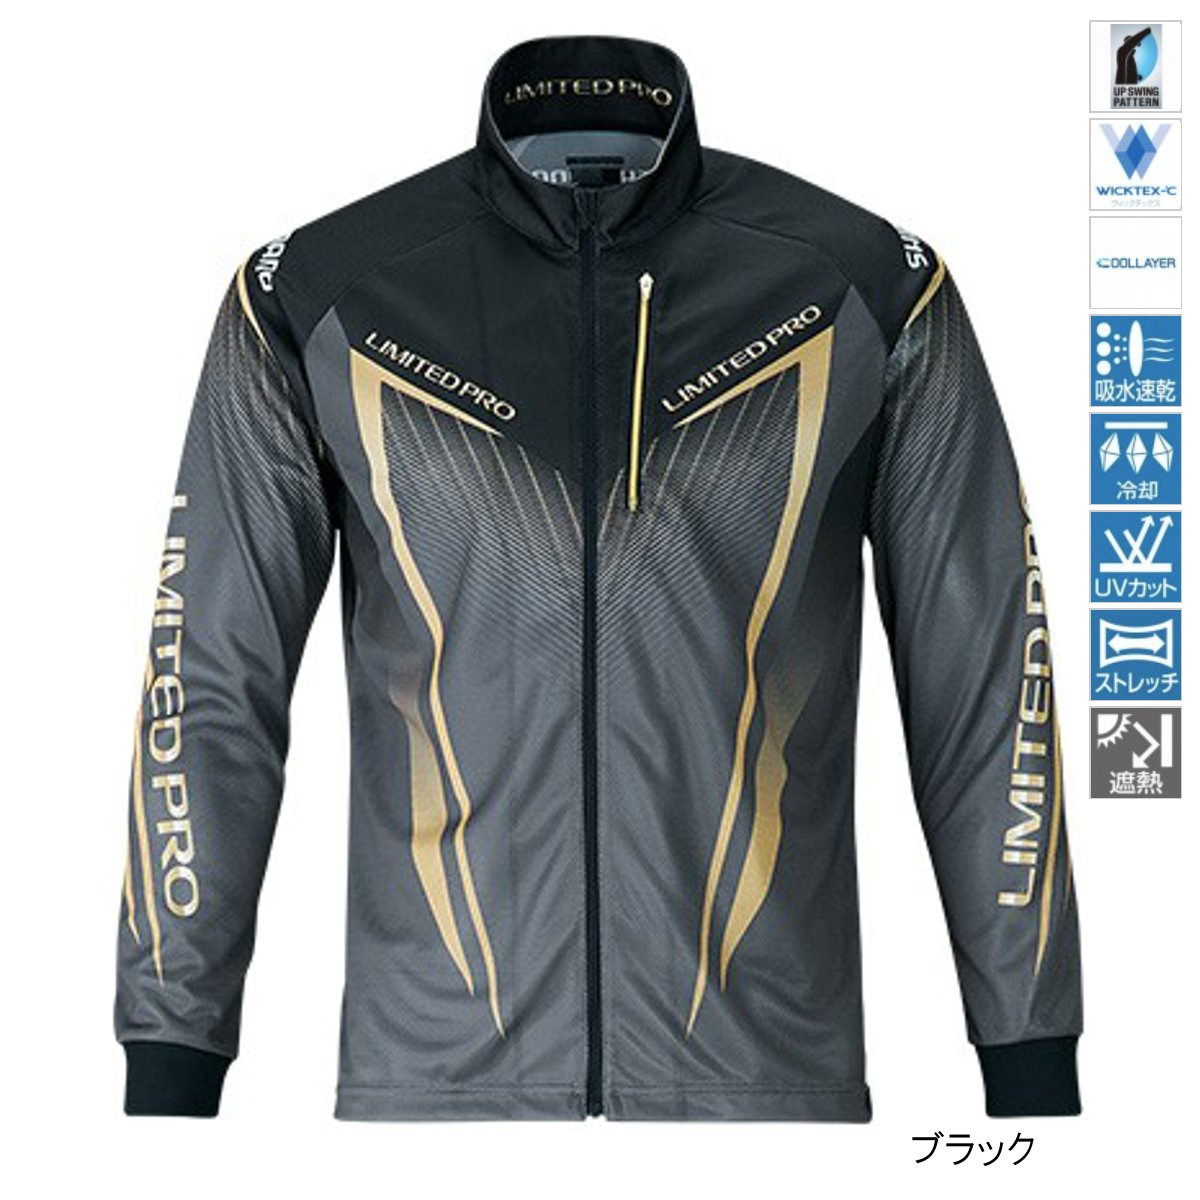 【4/1 24時間限定!エントリーで最大P31倍】シマノ フルジップシャツLIMITED PRO(長袖) SH-011S L ブラック(東日本店)